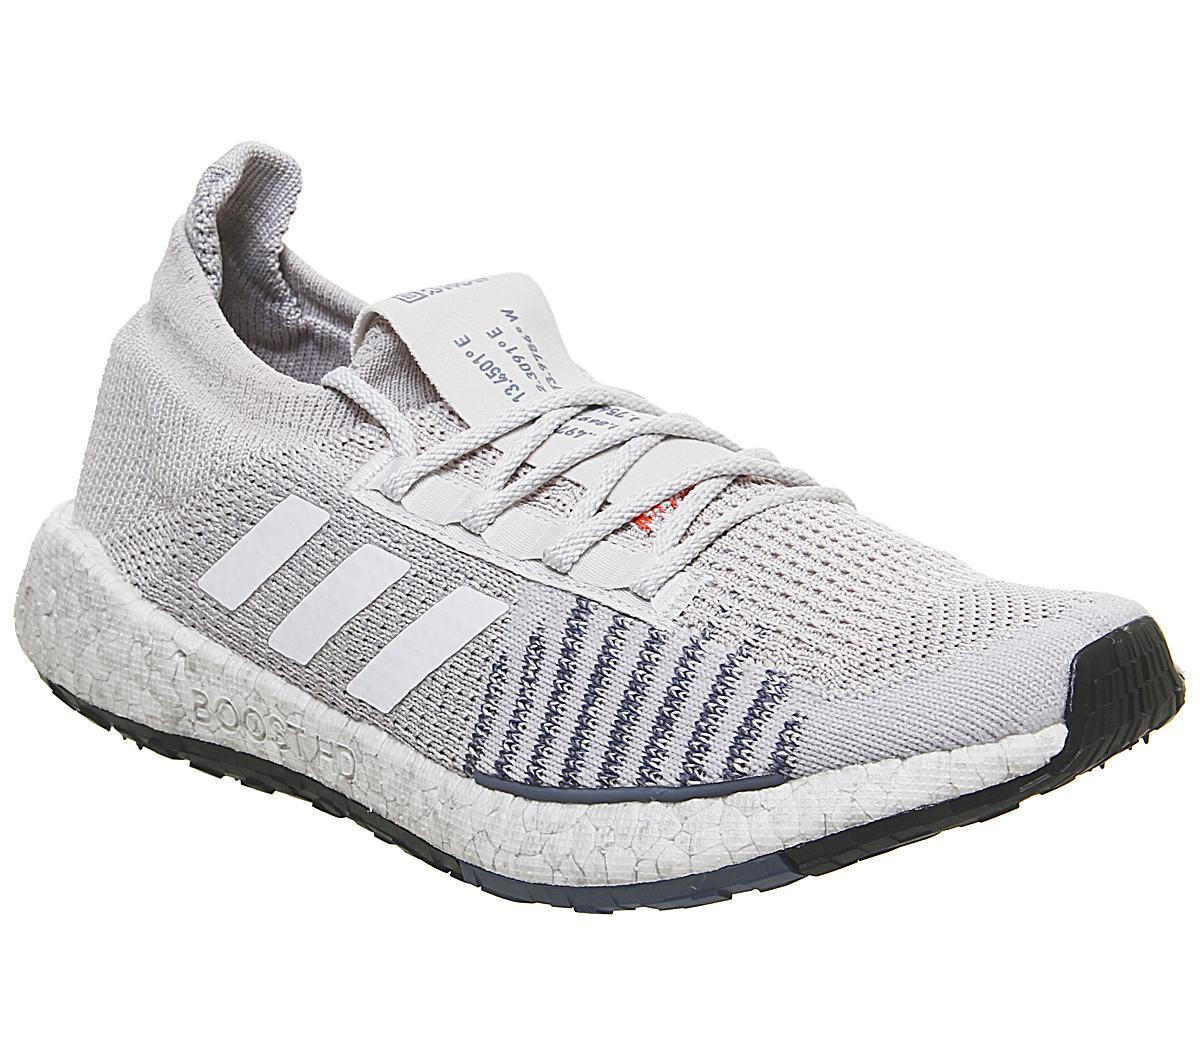 Hohe Qualität Adidas Ultraboost, Online Shop